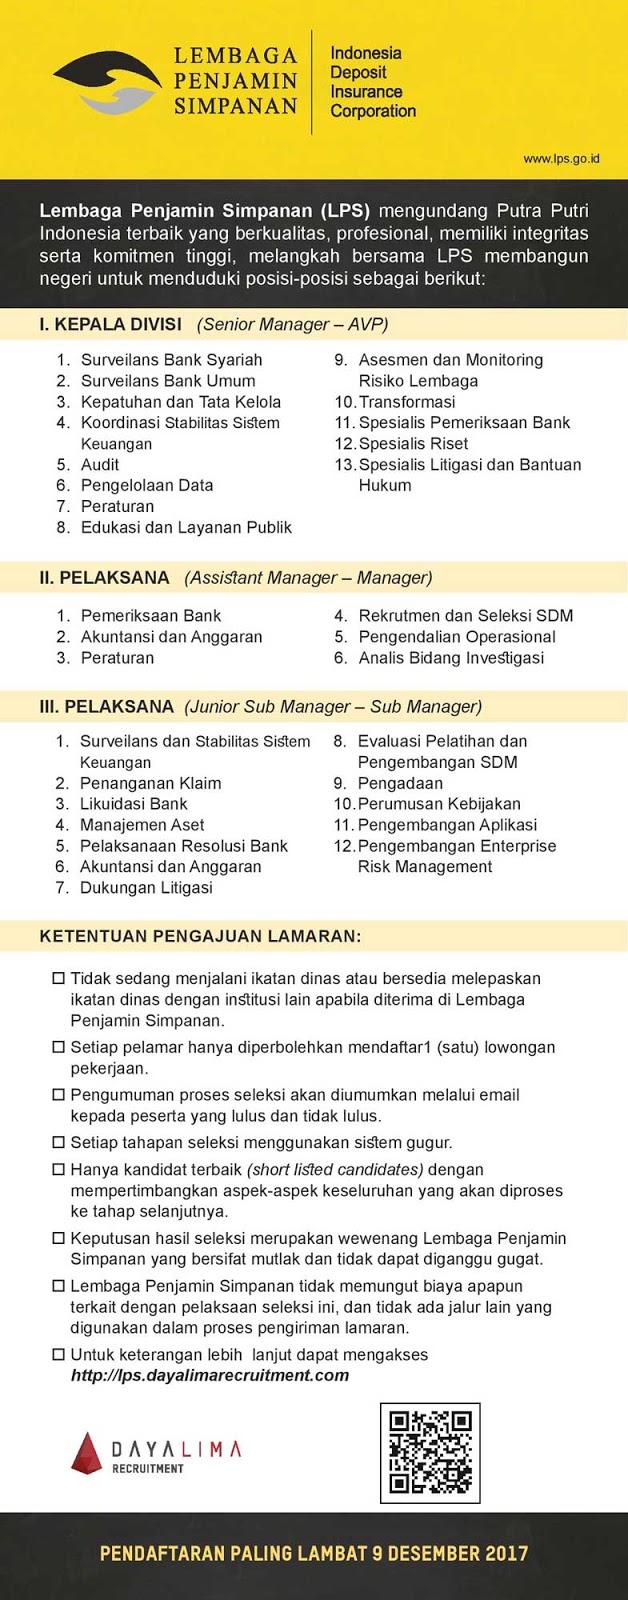 Lowongan Kerja Lembaga Penjamin Simpanan (LPS)